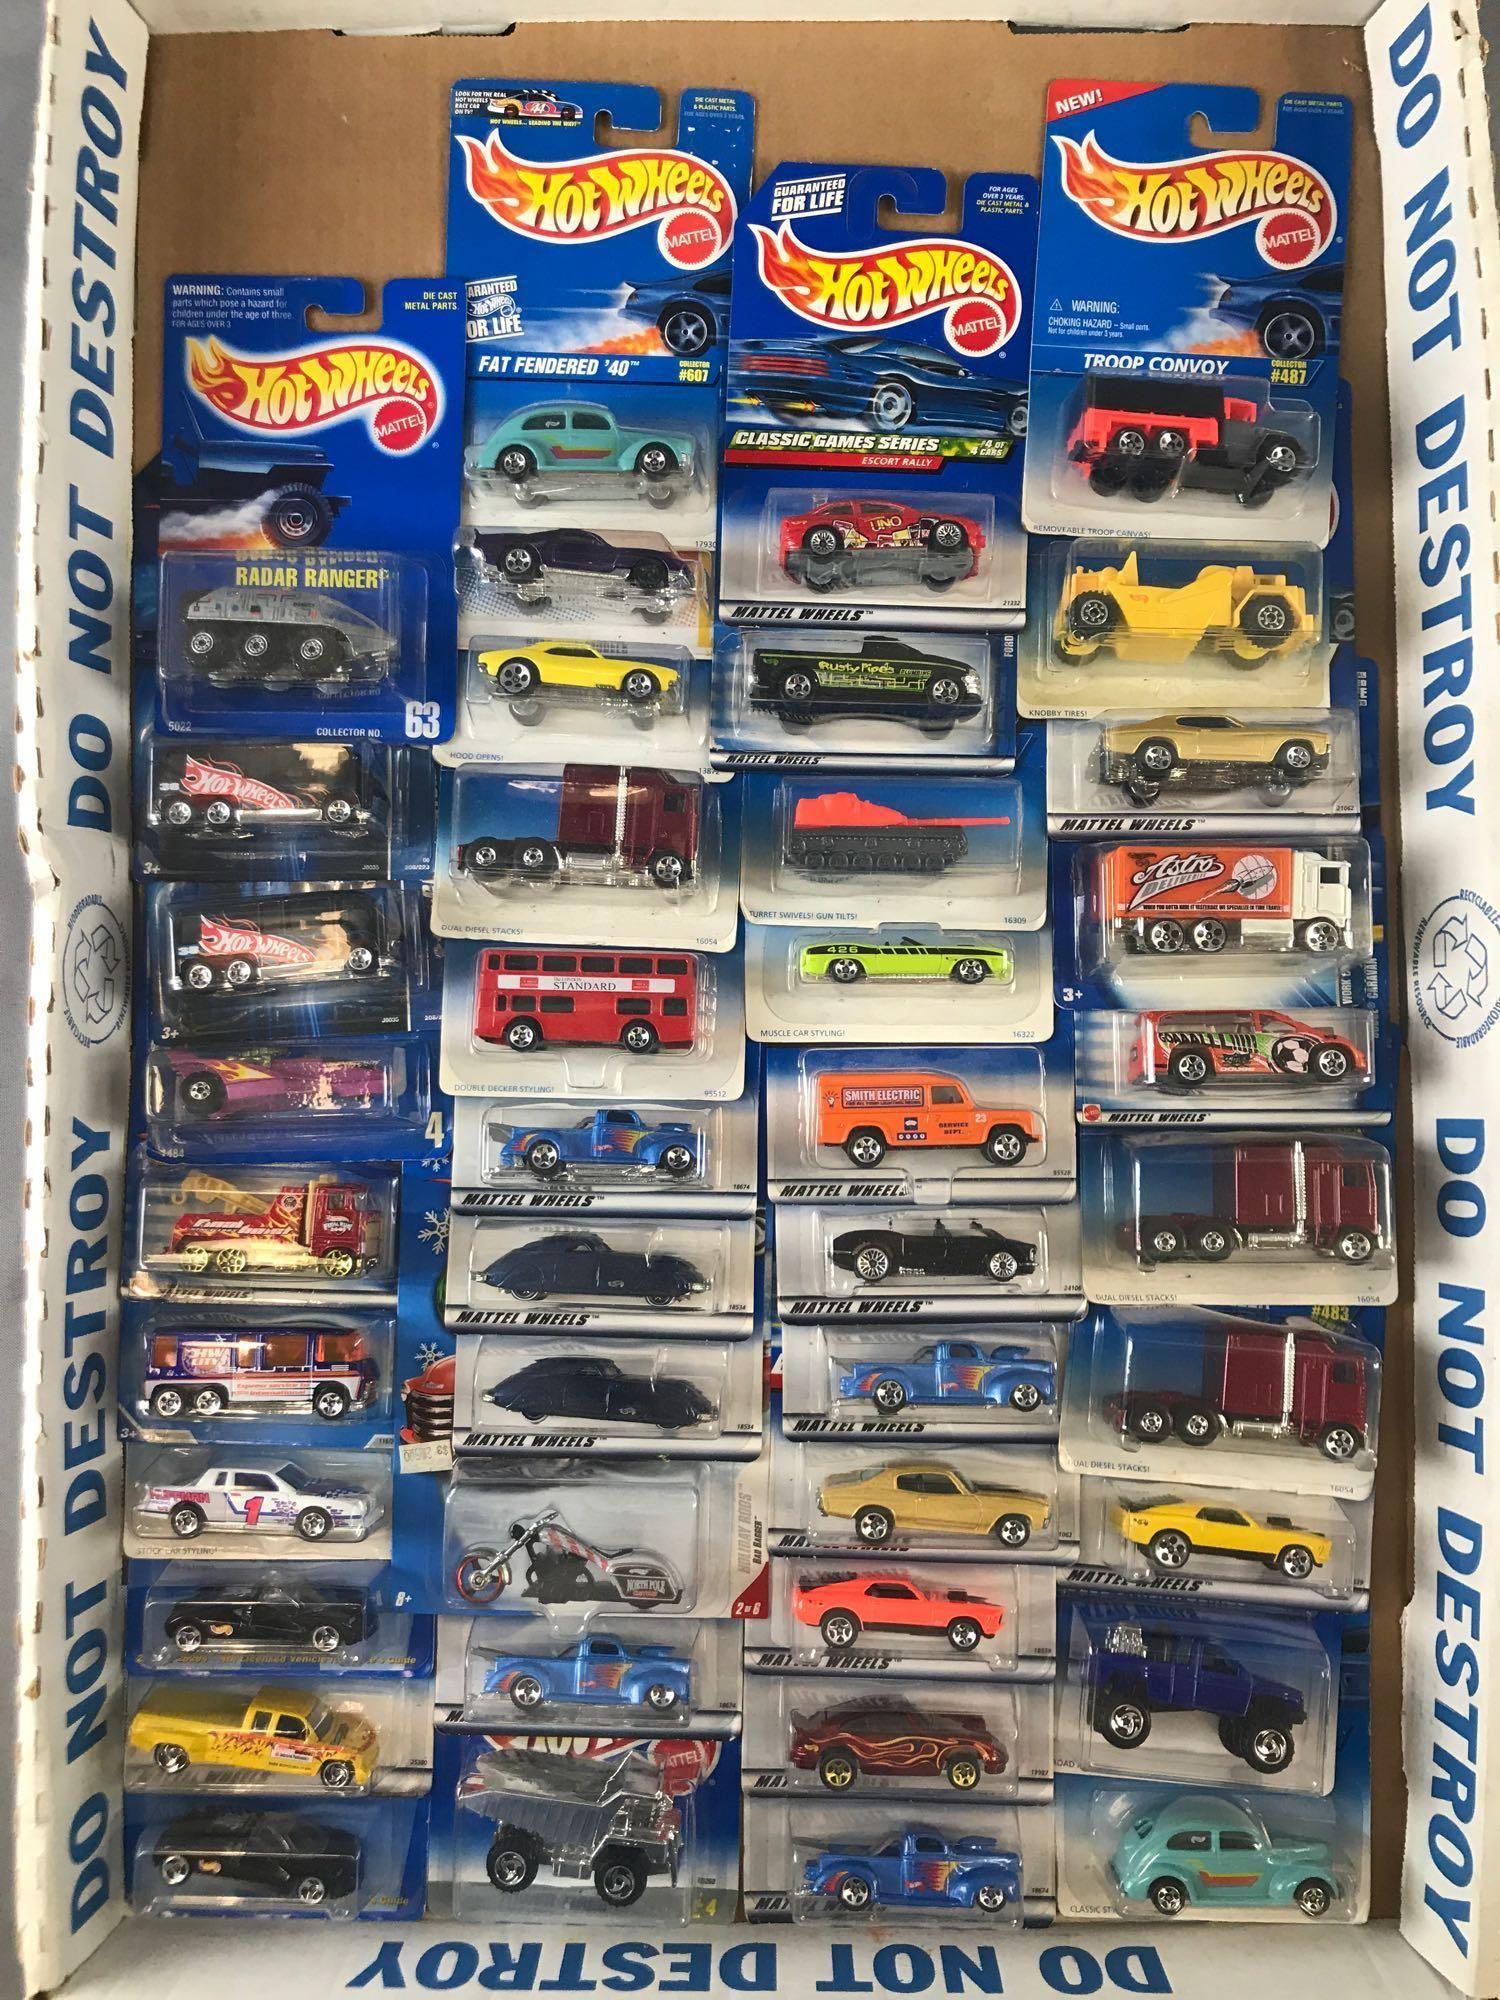 Group of 43 Hot Wheels Die-Cast Vehicles in Original